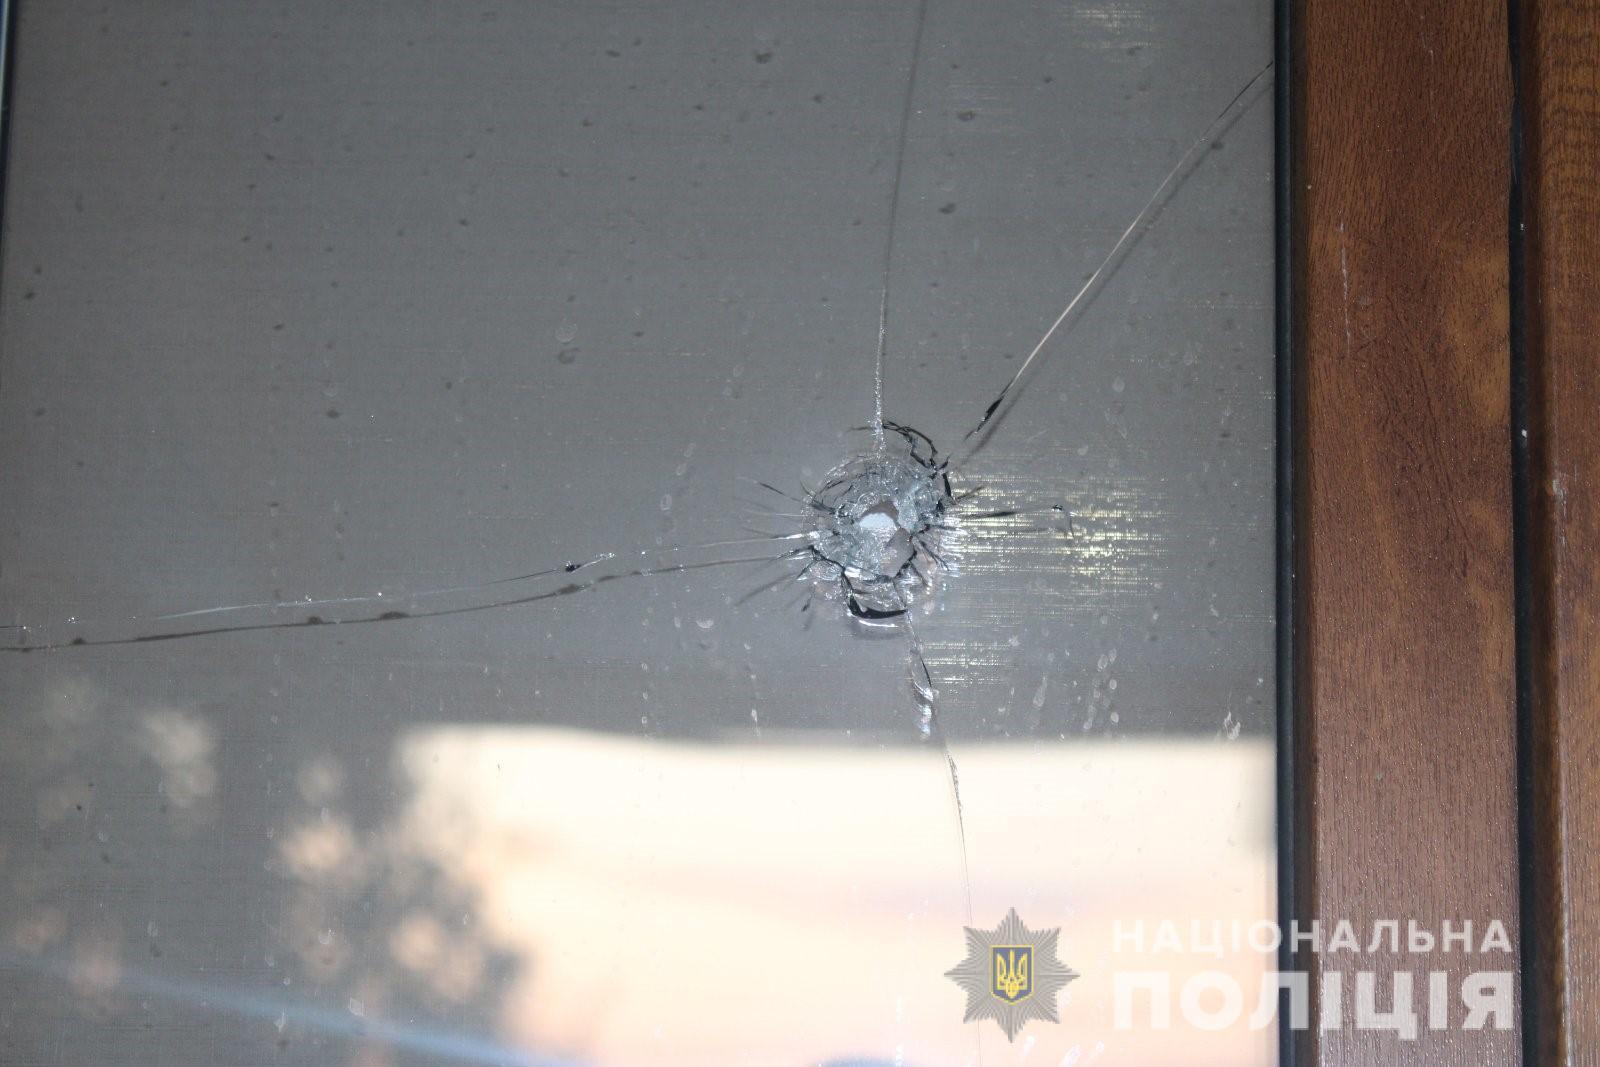 Взрывное хулиганство: полиция прокомментировала подрыв гранатой дома фермера в Ренийской громаде